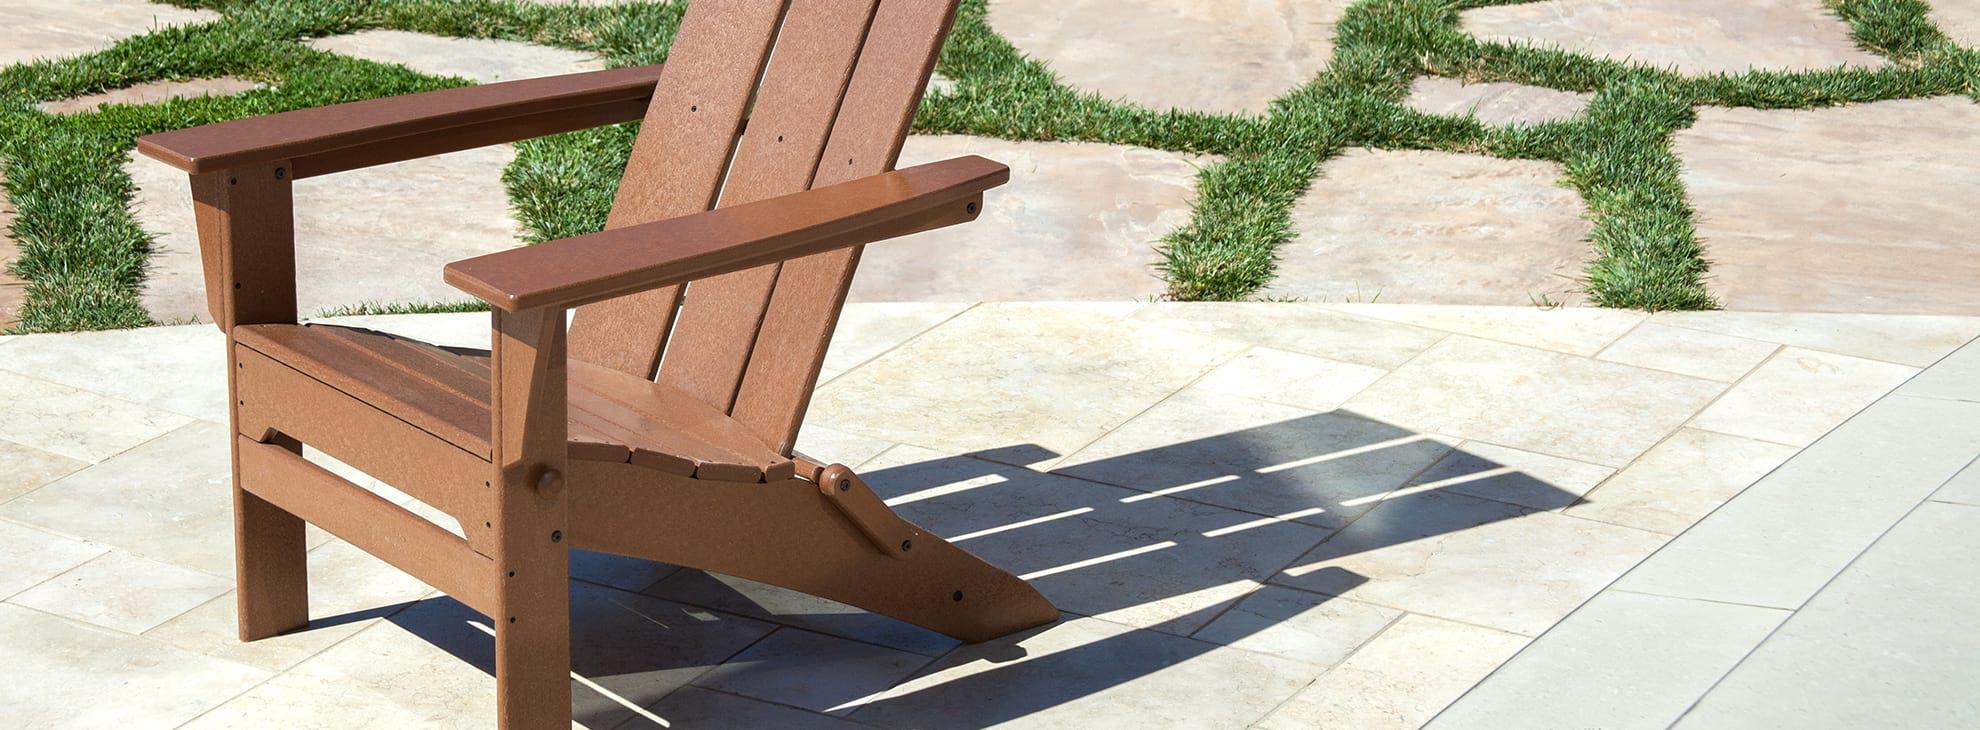 Brown Adirondack Chairs